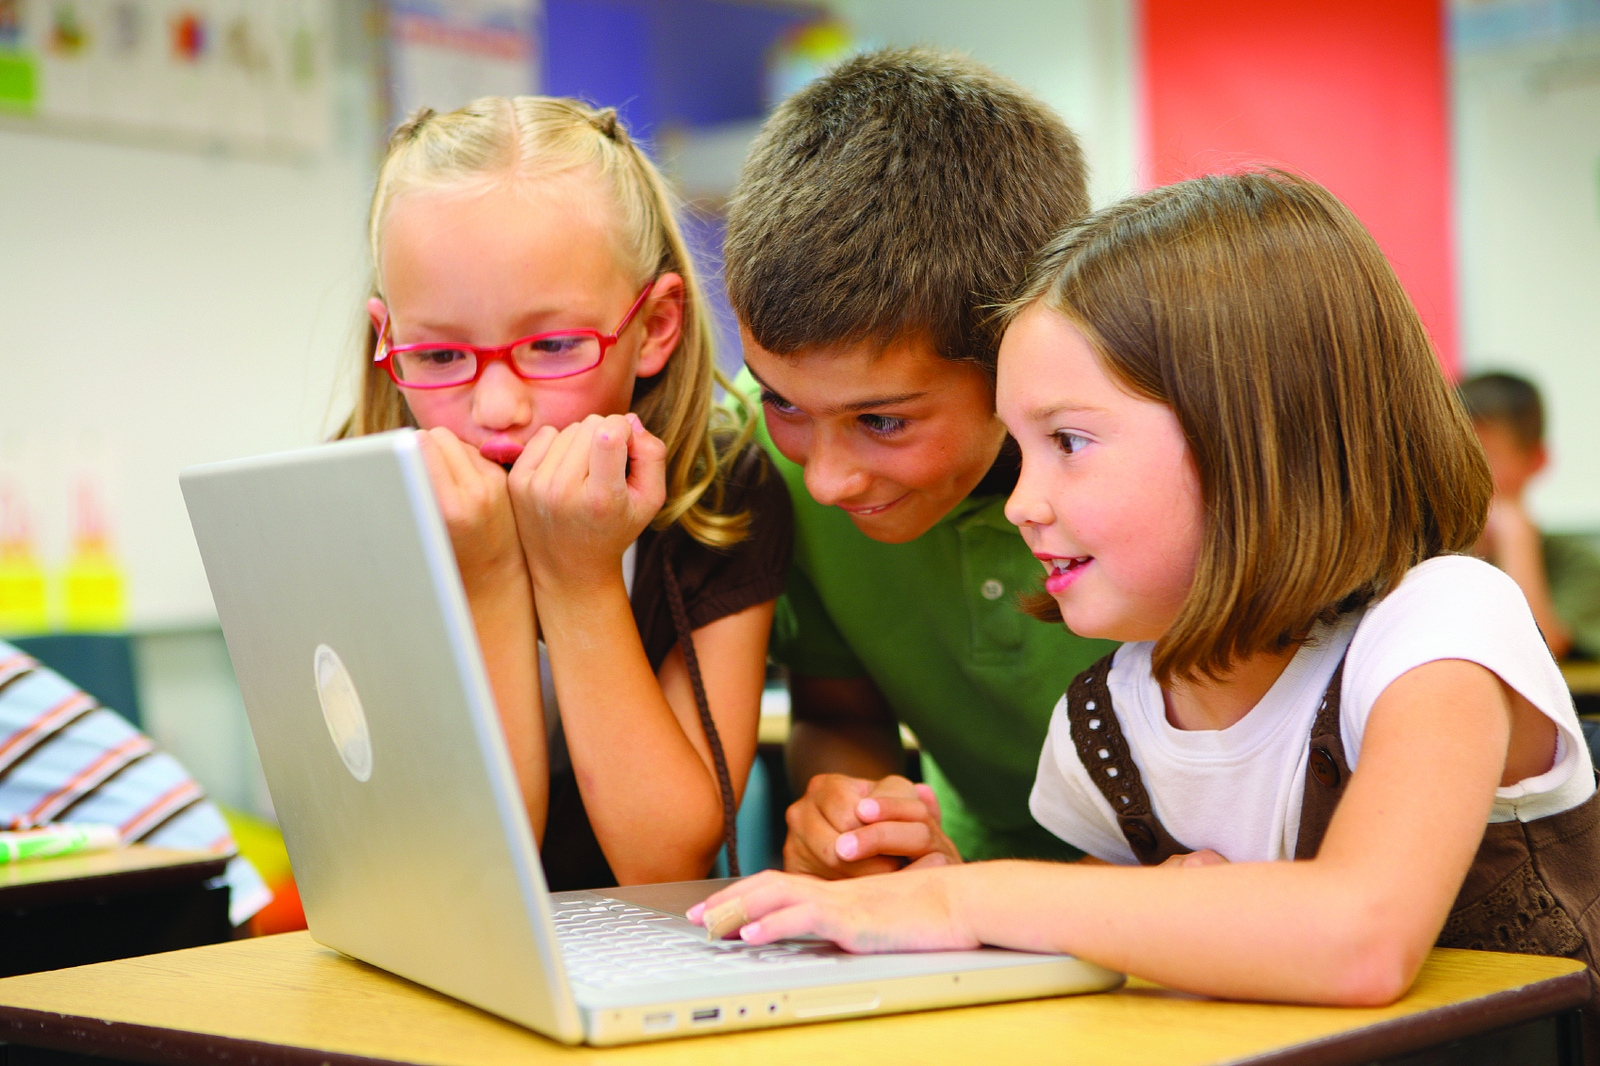 Jak gry wpływają na rozwój dziecka?